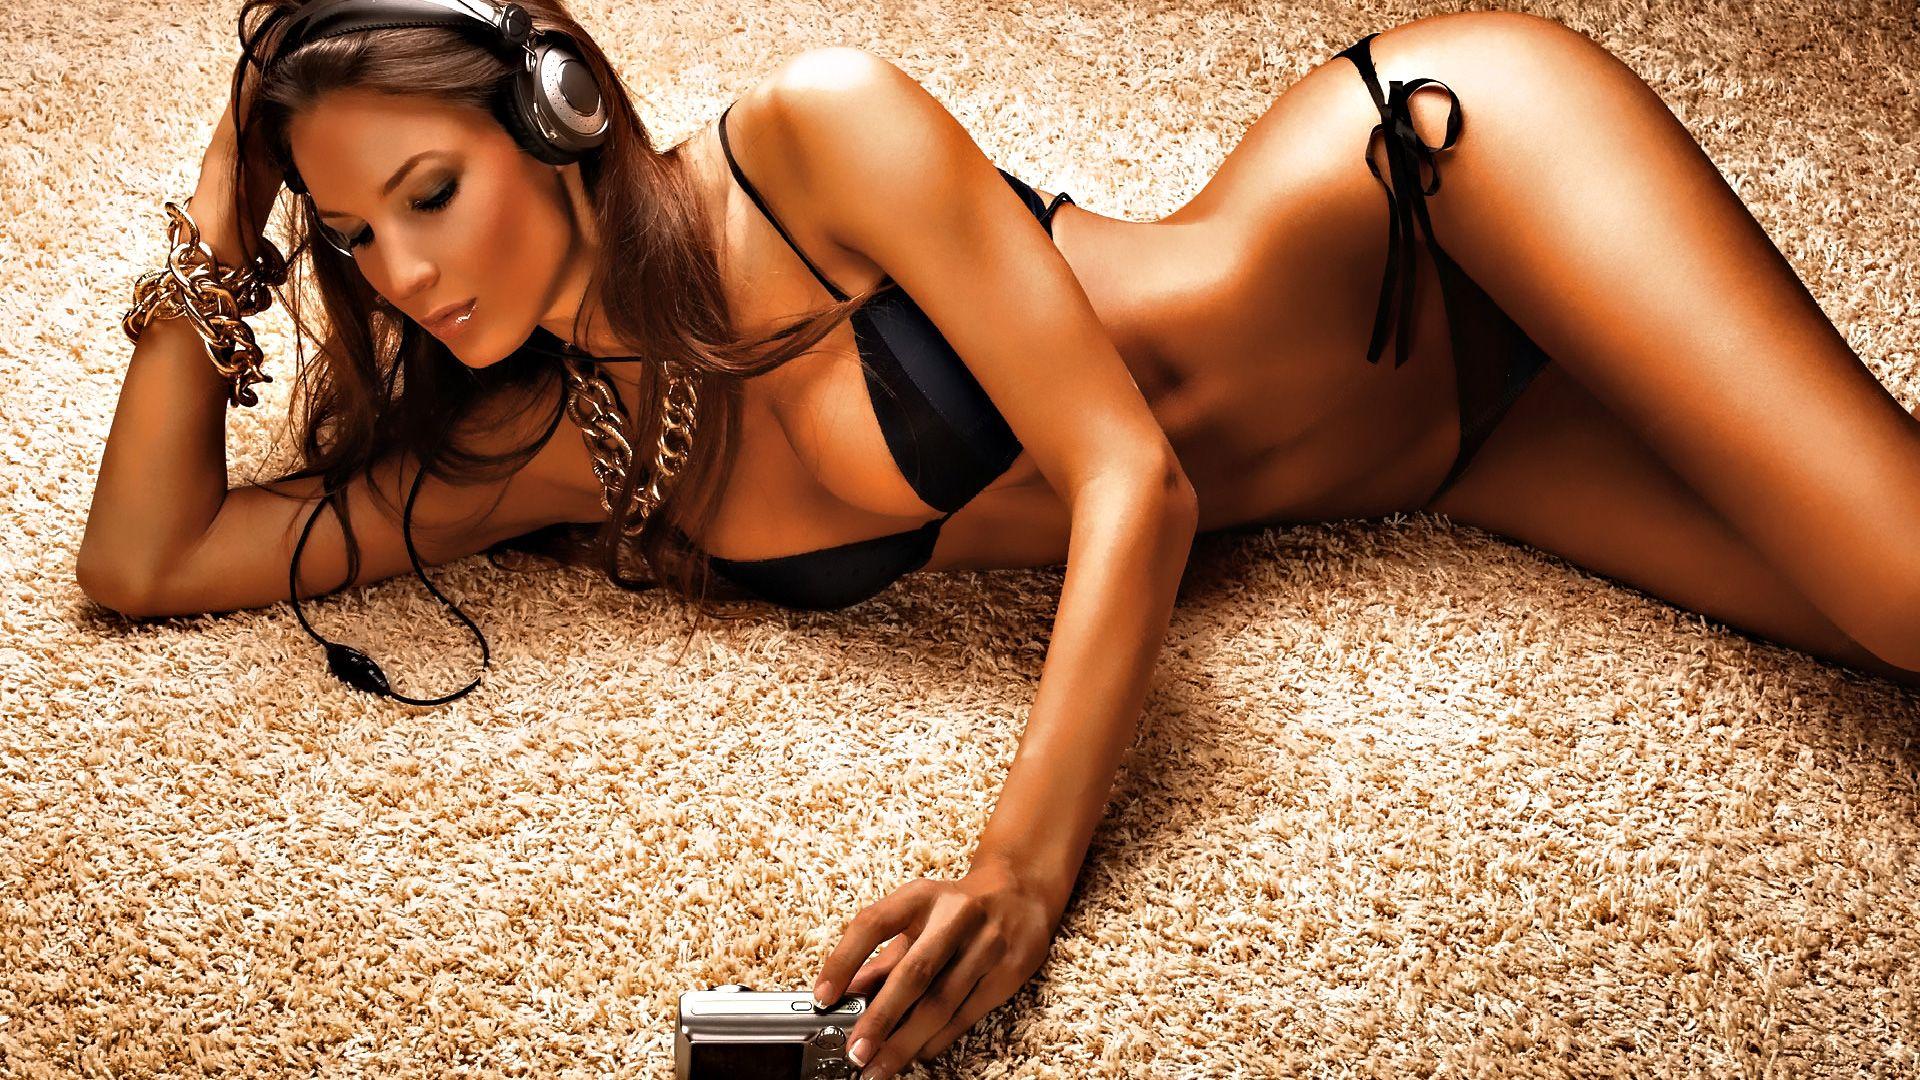 Сэкс с супер телкой, Красивые тёлки порно видео на 9 фотография